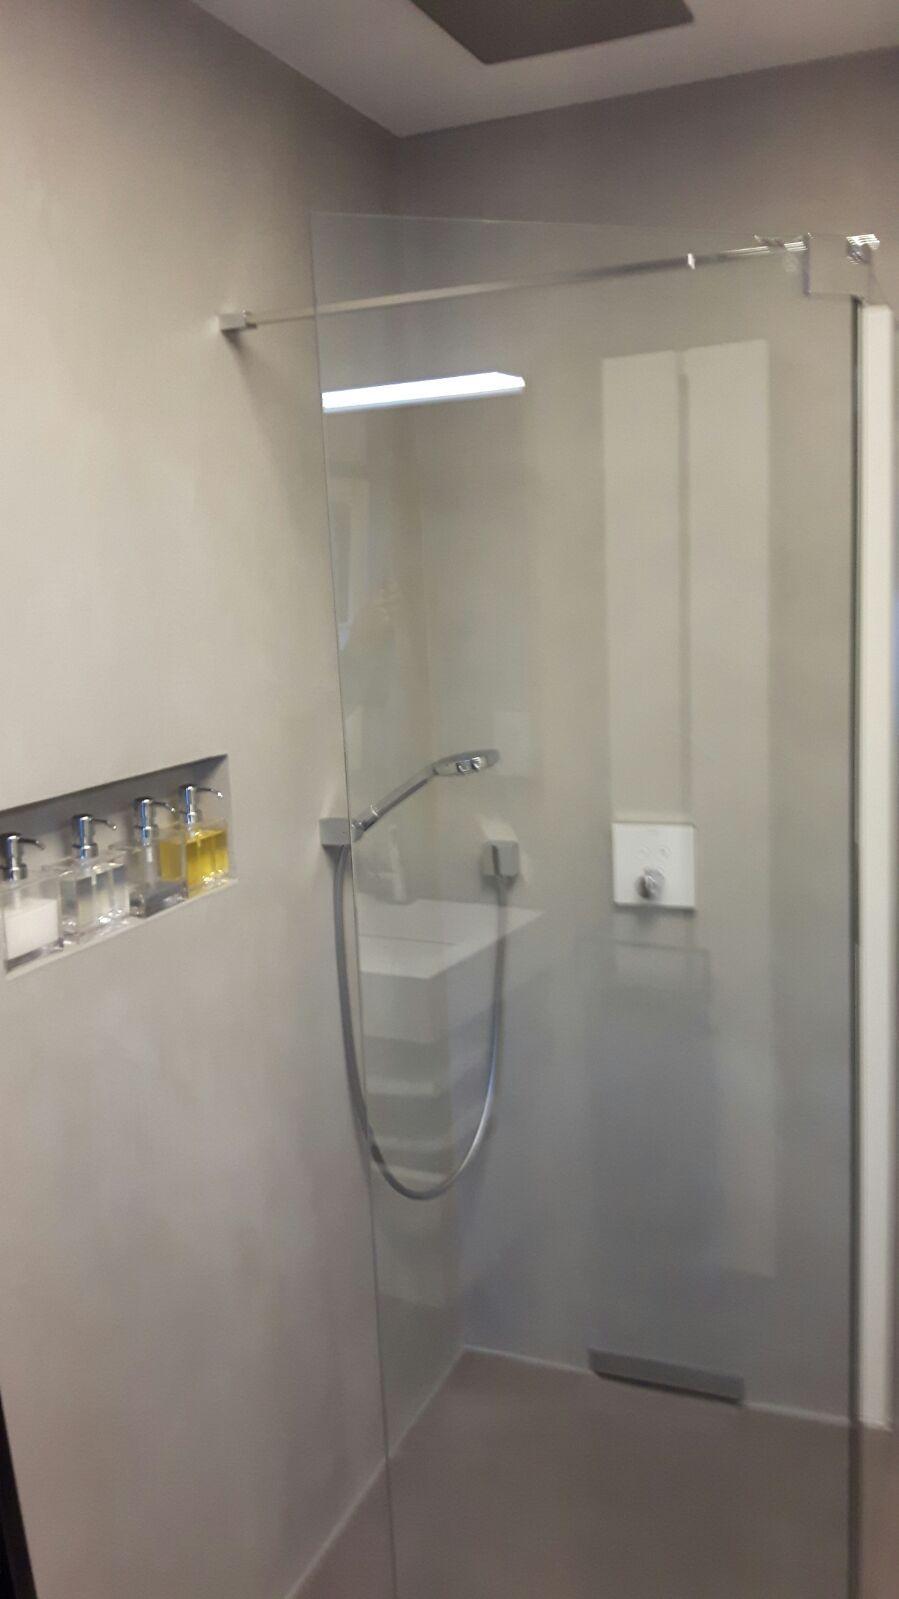 Marmorputz Bad kera design fugenloses bad in braunschweig wandgestaltung mit